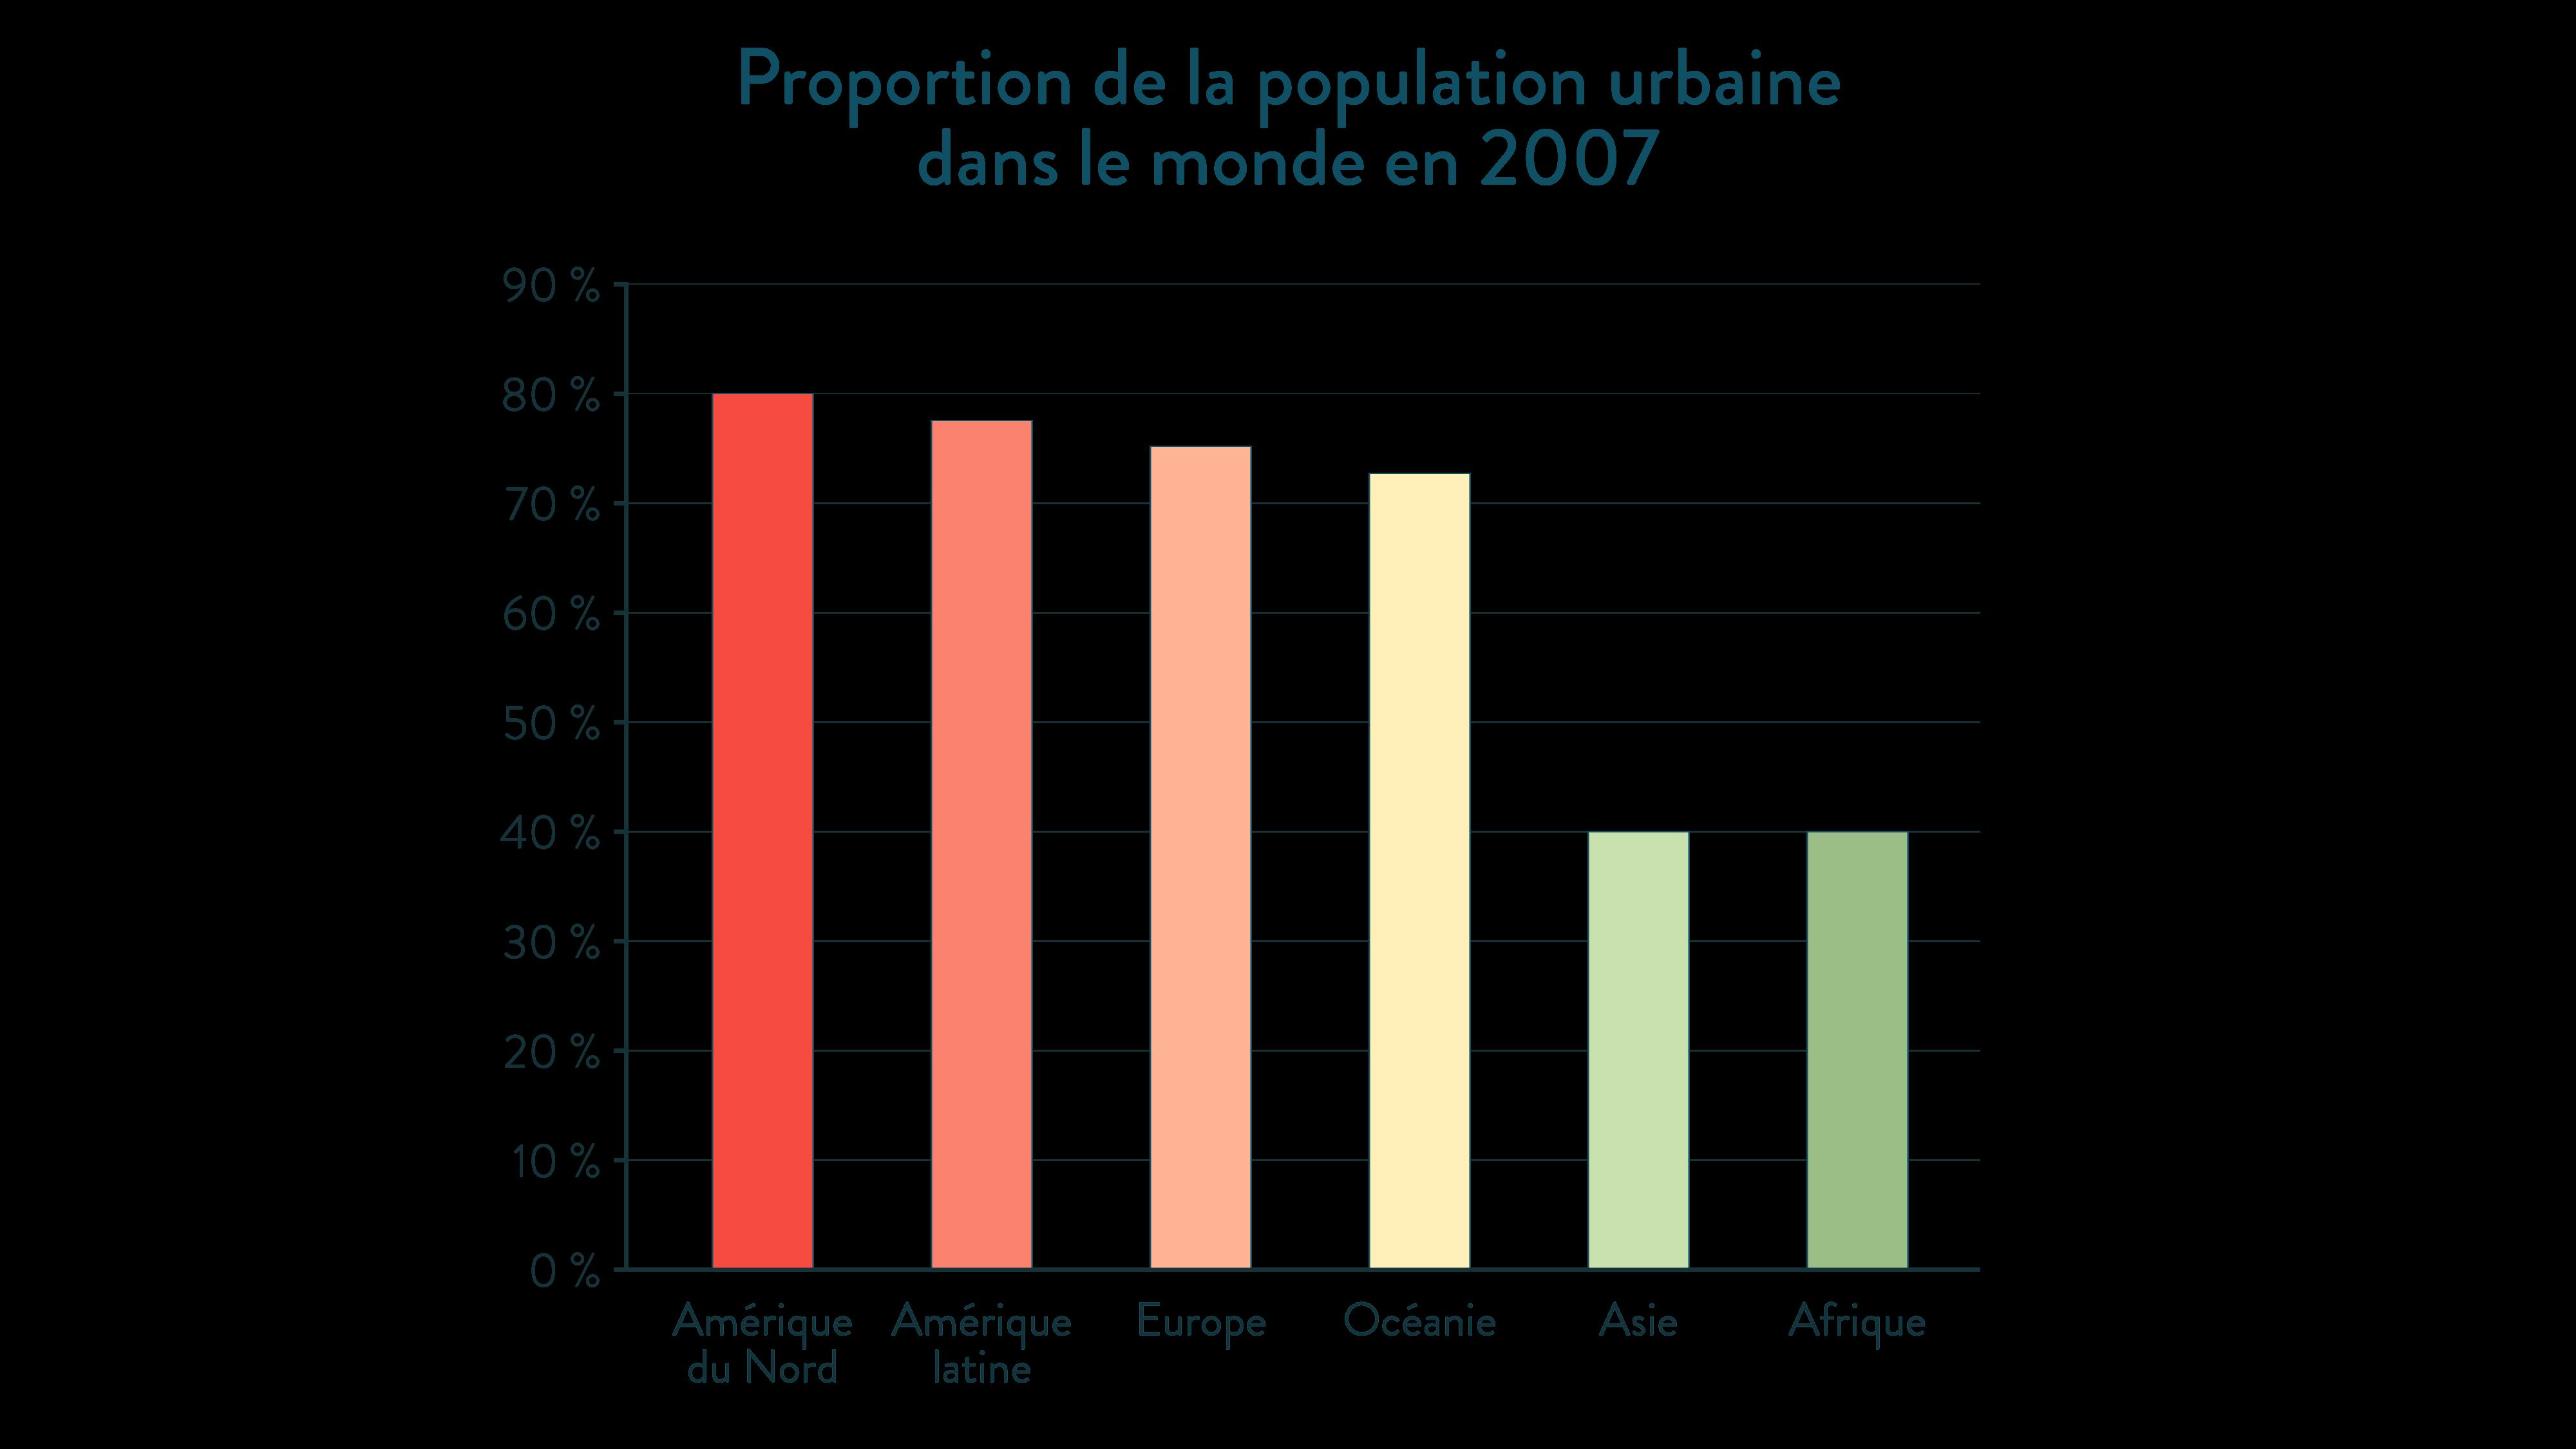 Alt Proportion de la population urbaine dans le monde